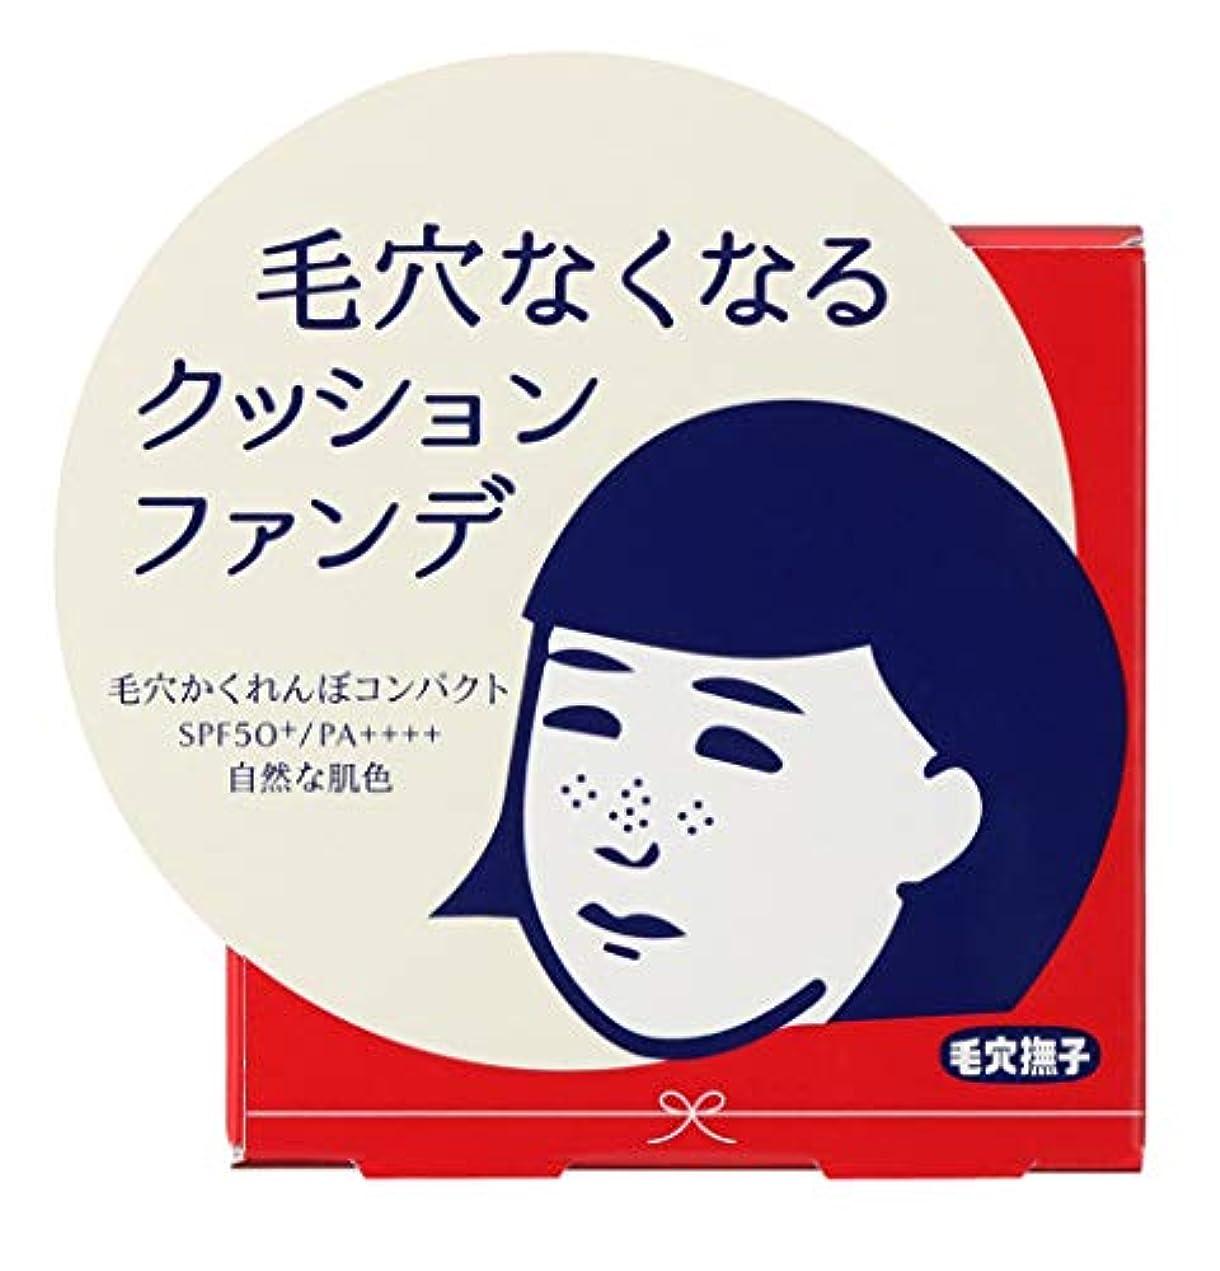 通常論争の的重要毛穴撫子 毛穴かくれんぼコンパクト(自然な肌色)